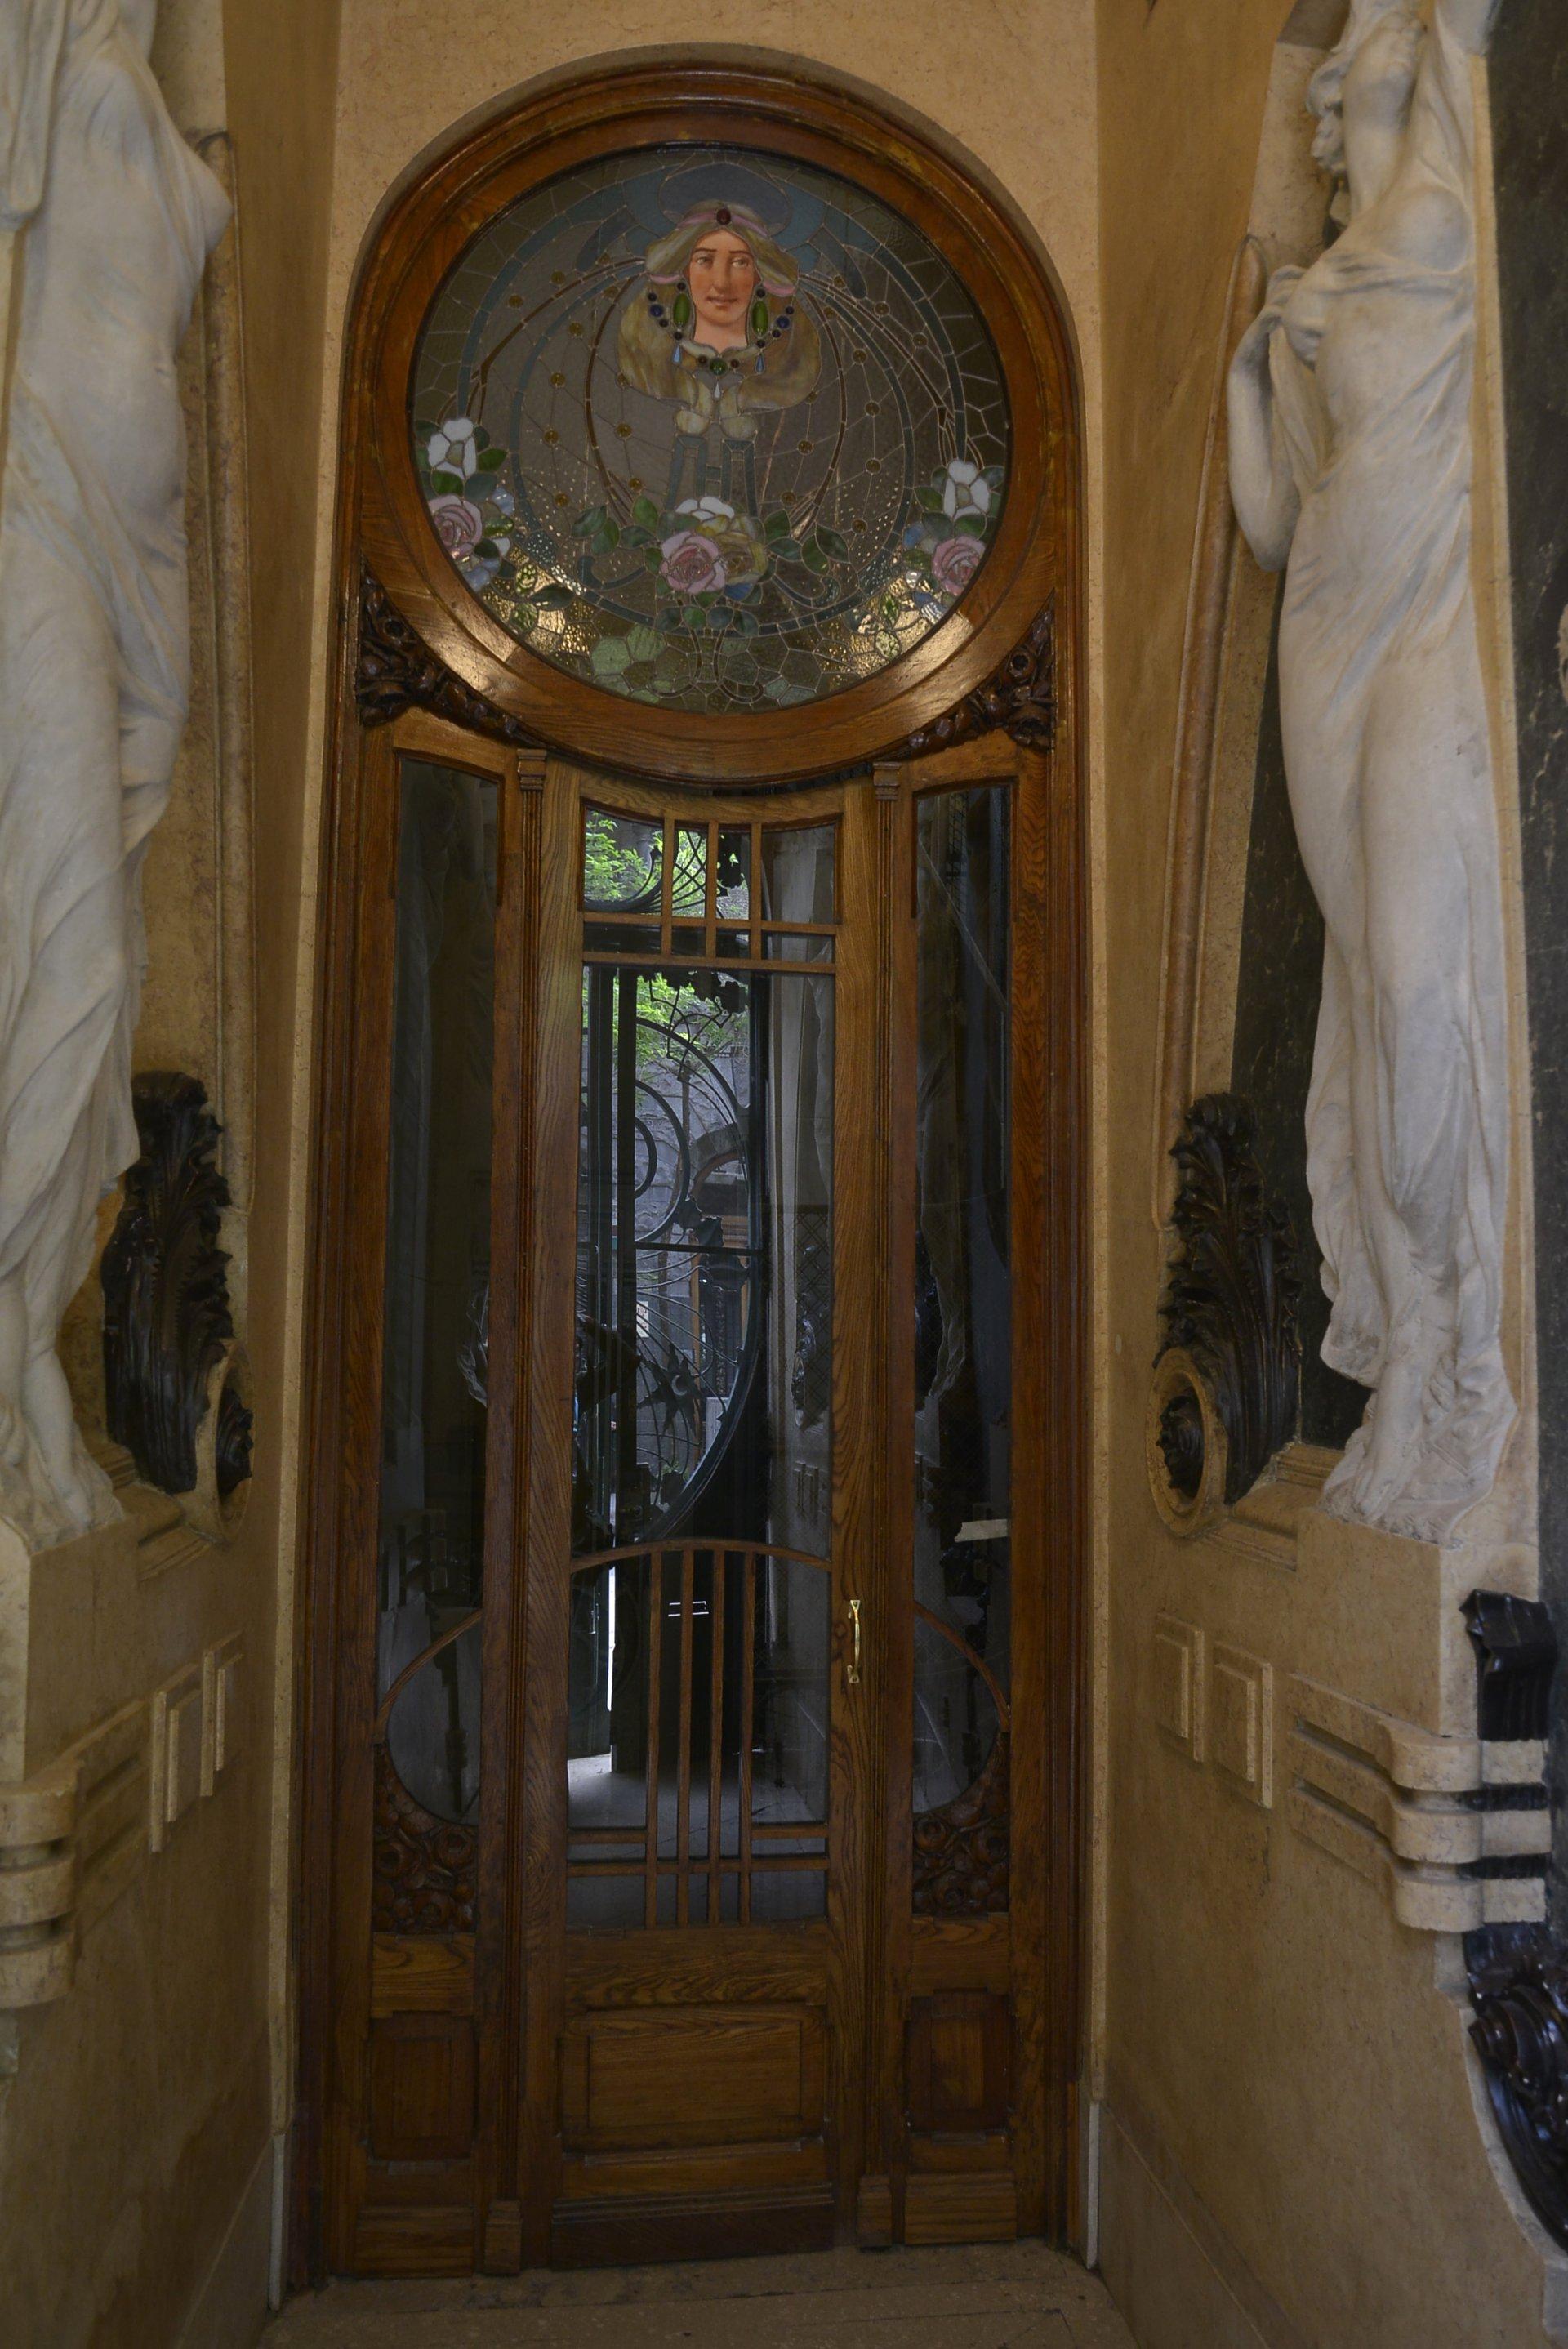 En las puertas de maderas antiguas hay decoraciones de vitreaux de figuras femeninas y flores